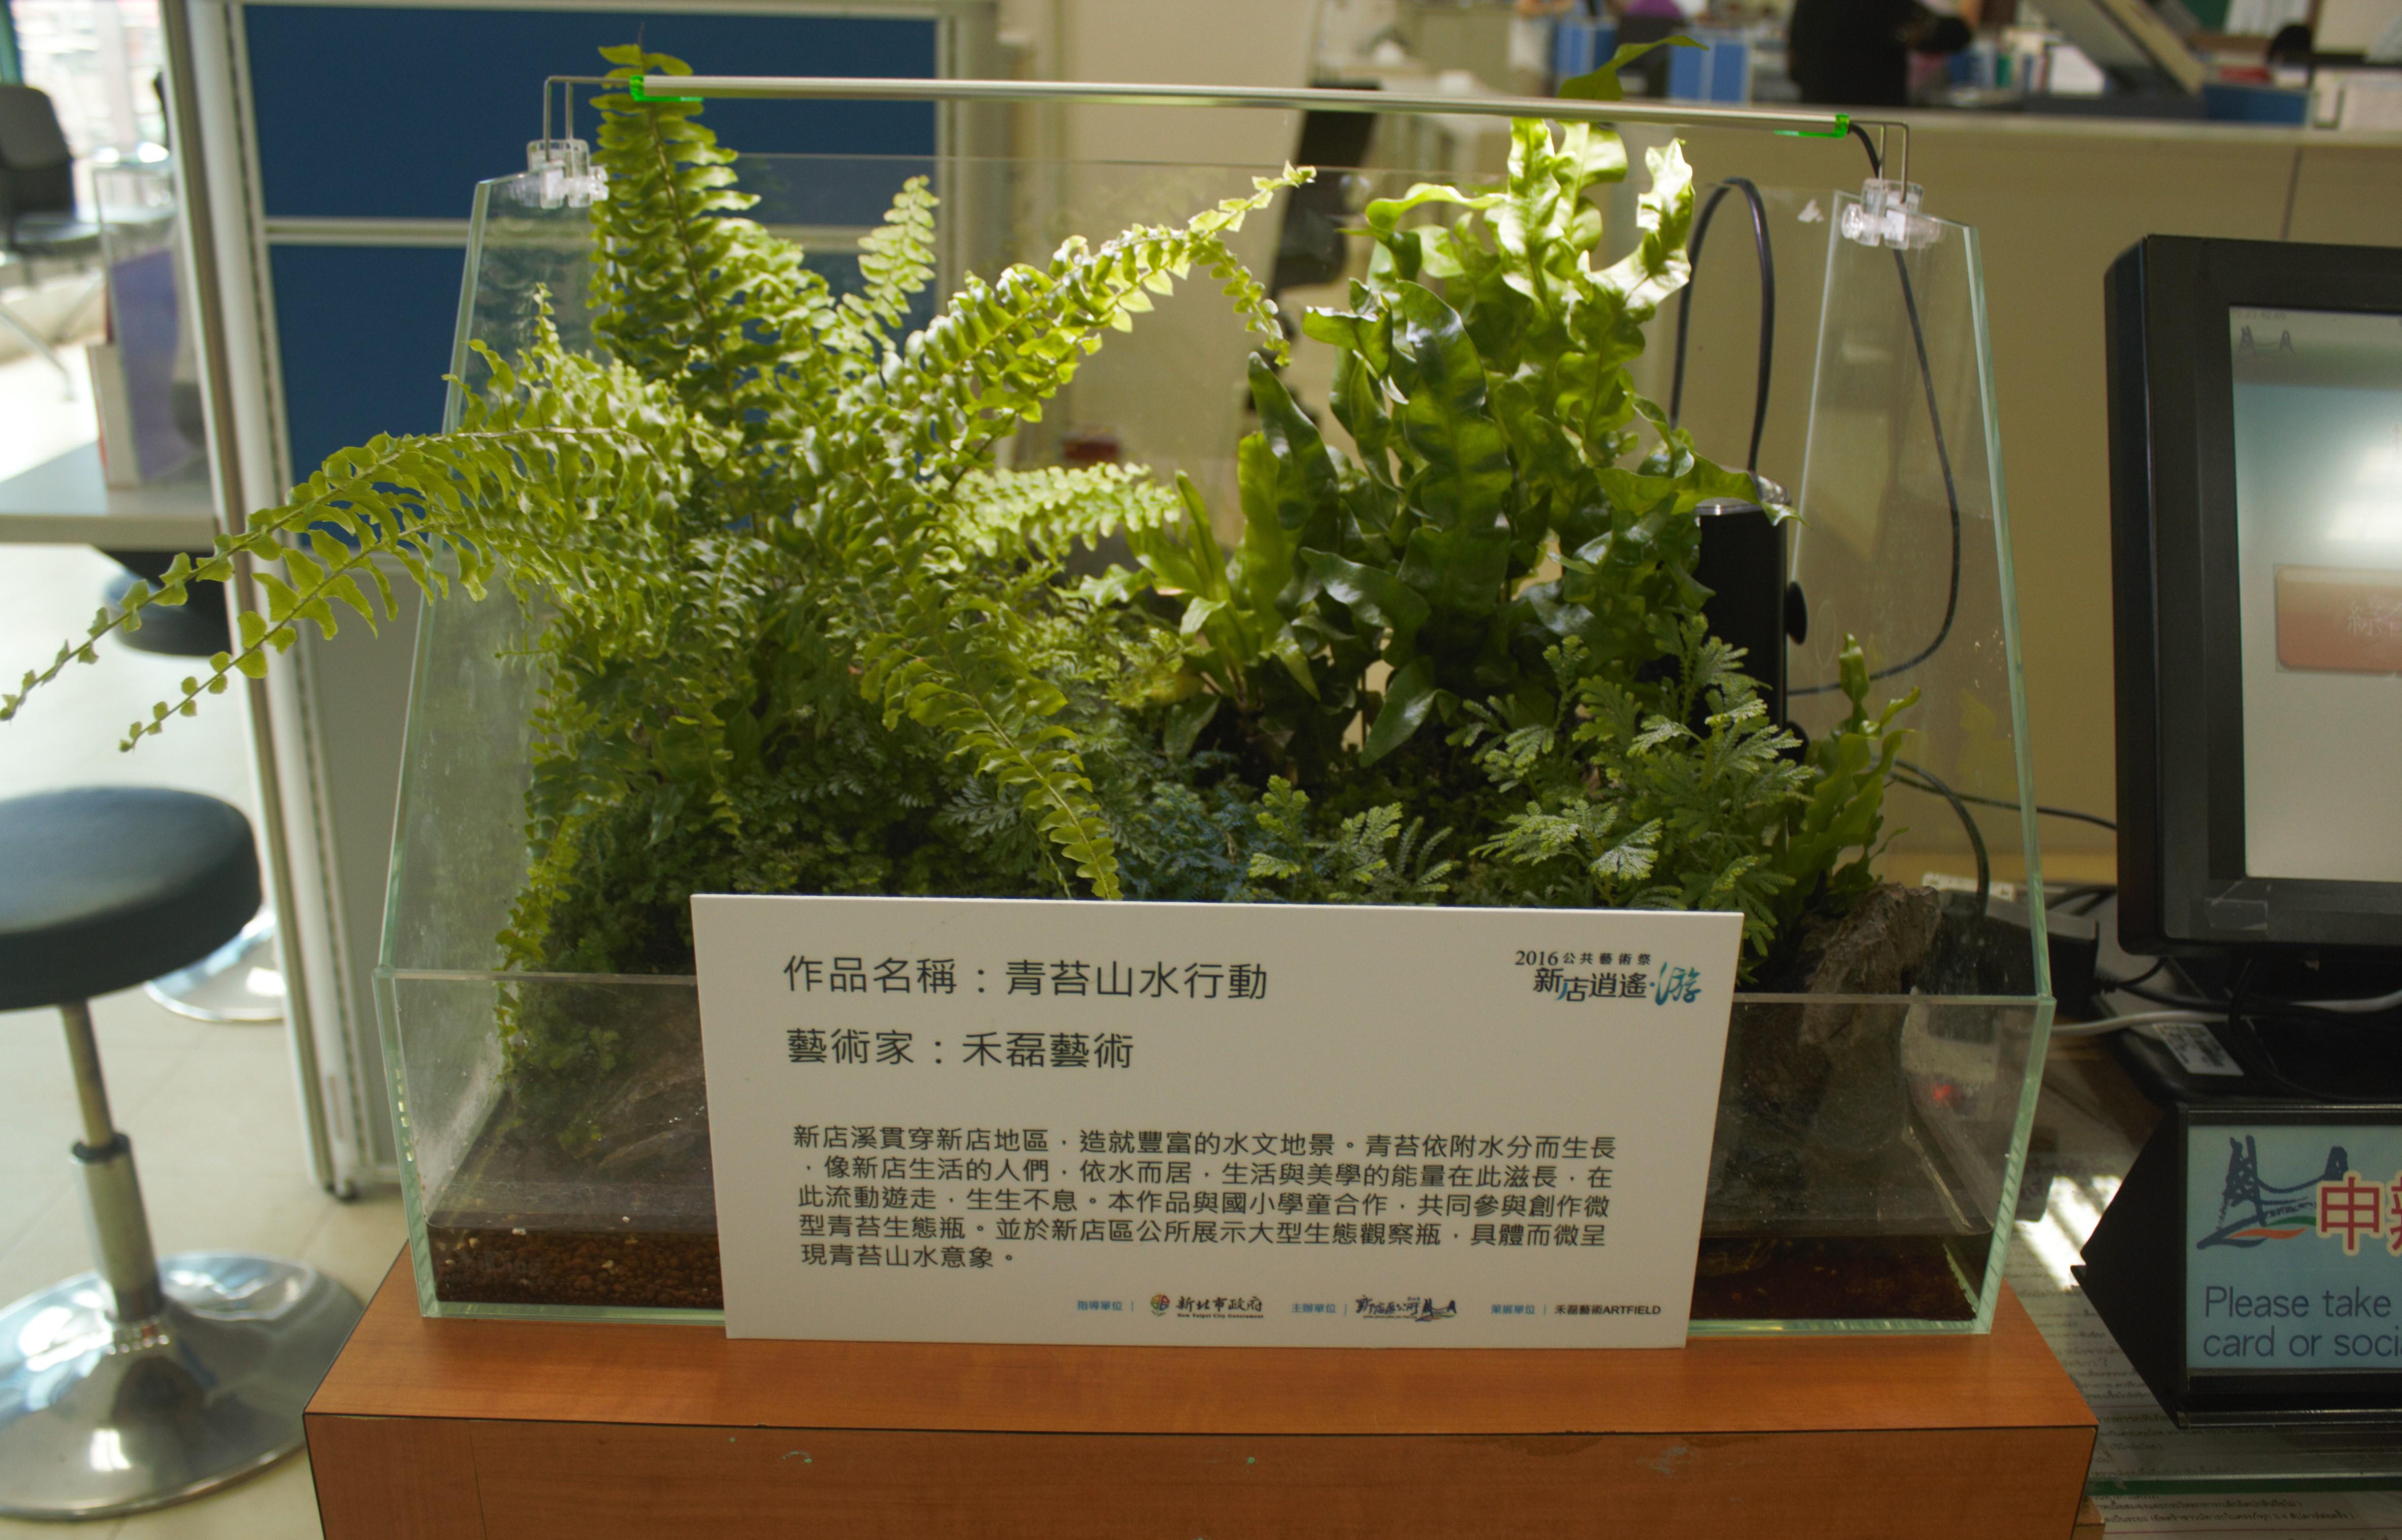 至於新店區公所內的「青苔山水行動」的小型生態箱。攝影/林韋宏